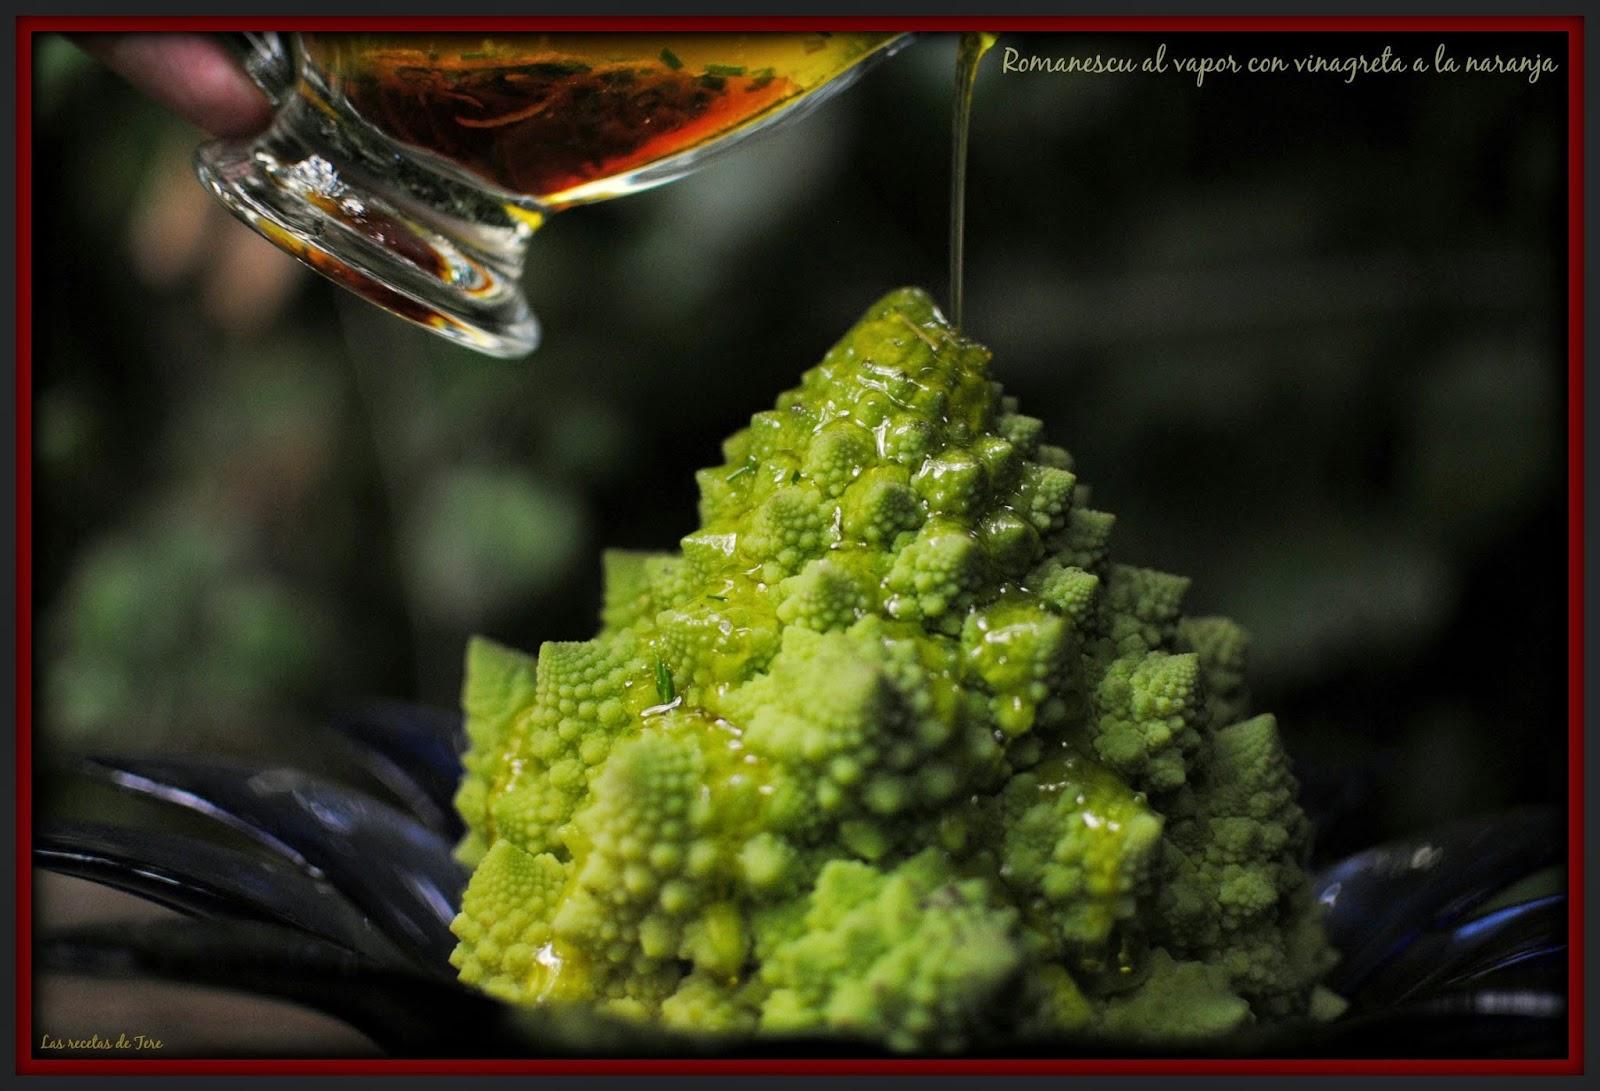 Romanescu al vapor con vinagreta a la naranja tererecetas 03